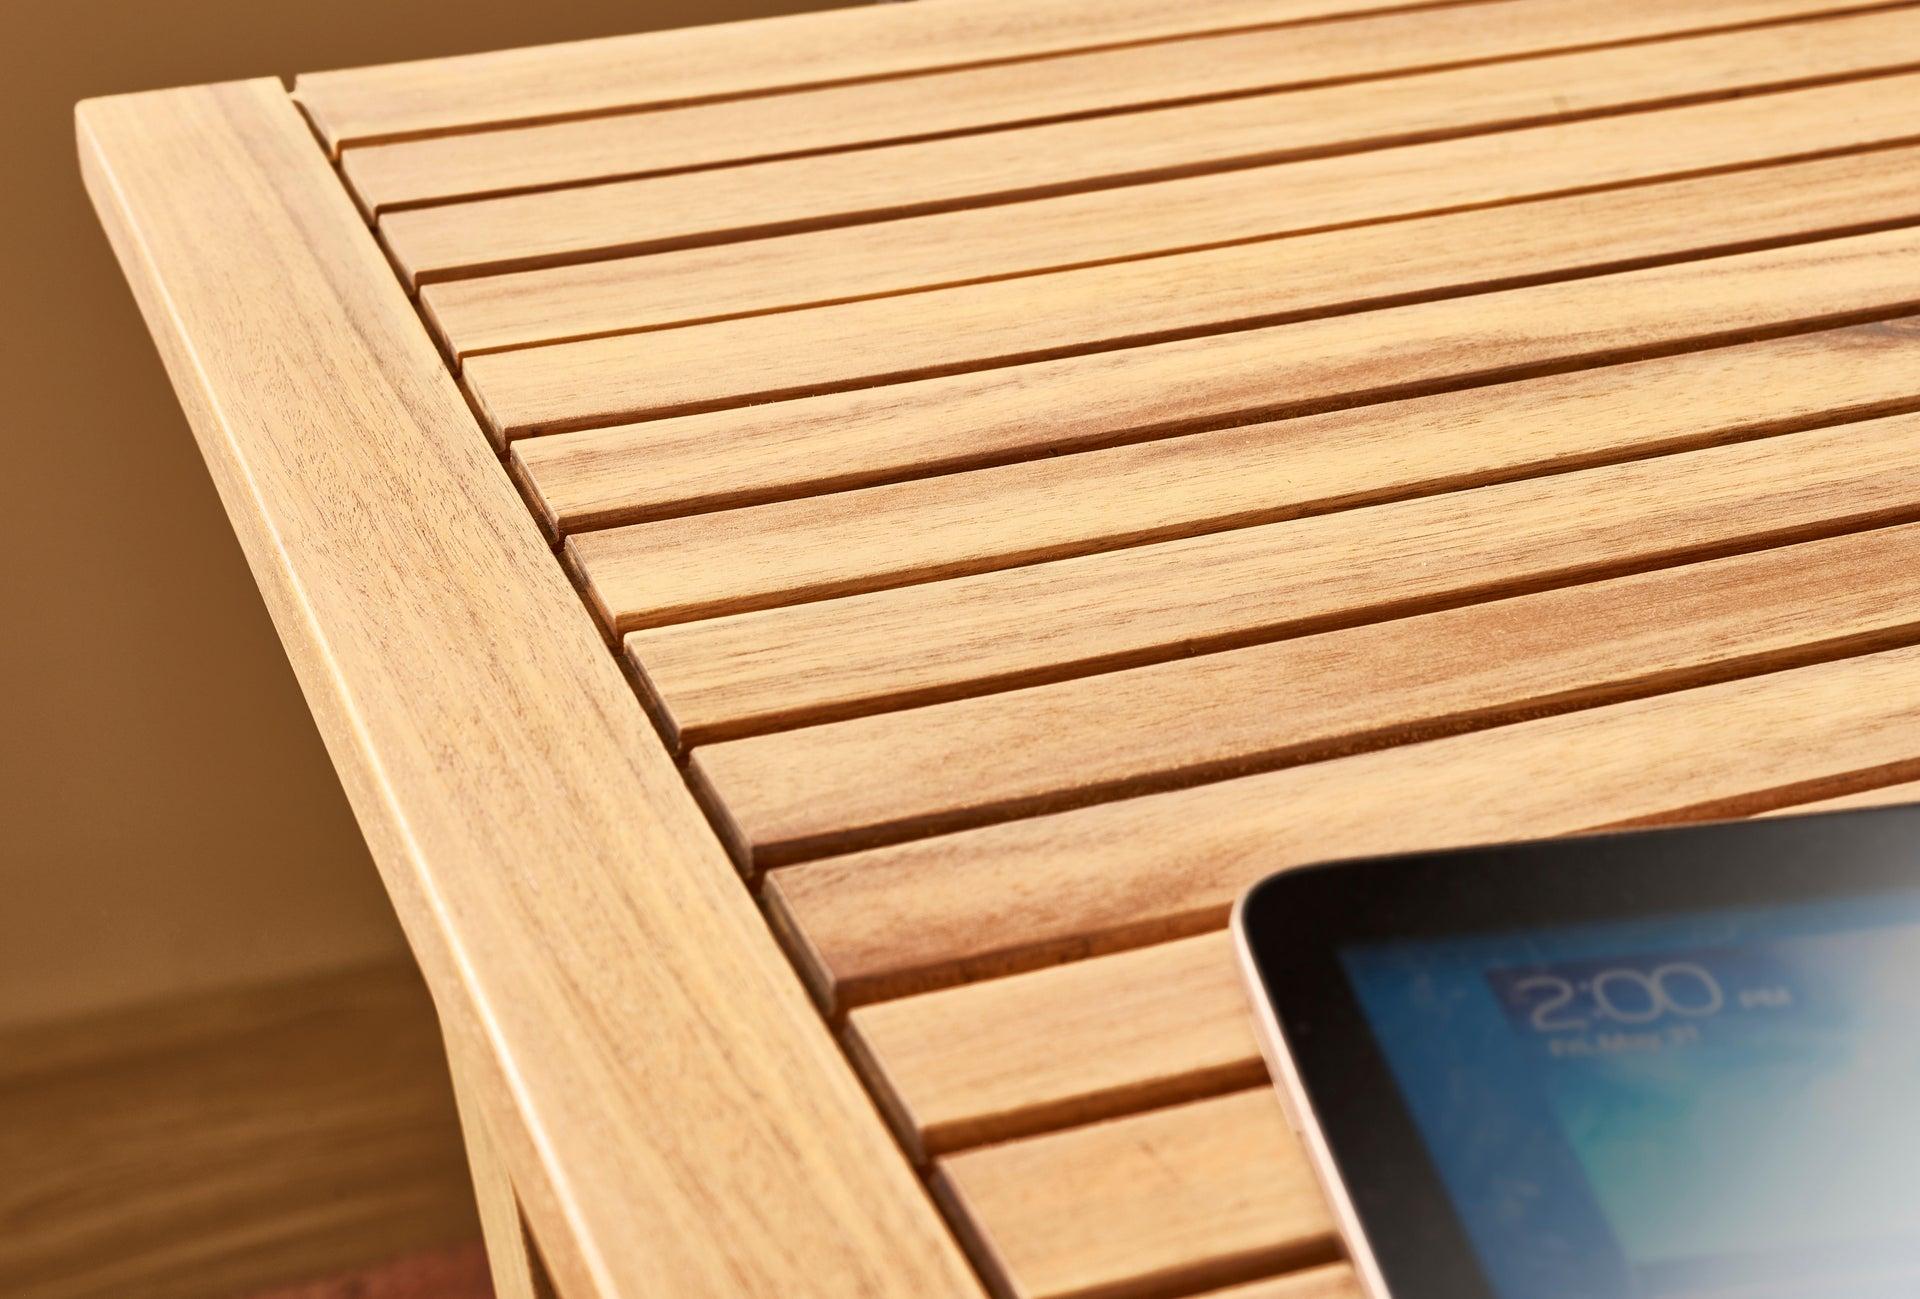 Tavolo da giardino rettangolare Solis NATERIAL con piano in legno L 70 x P 114 cm - 17